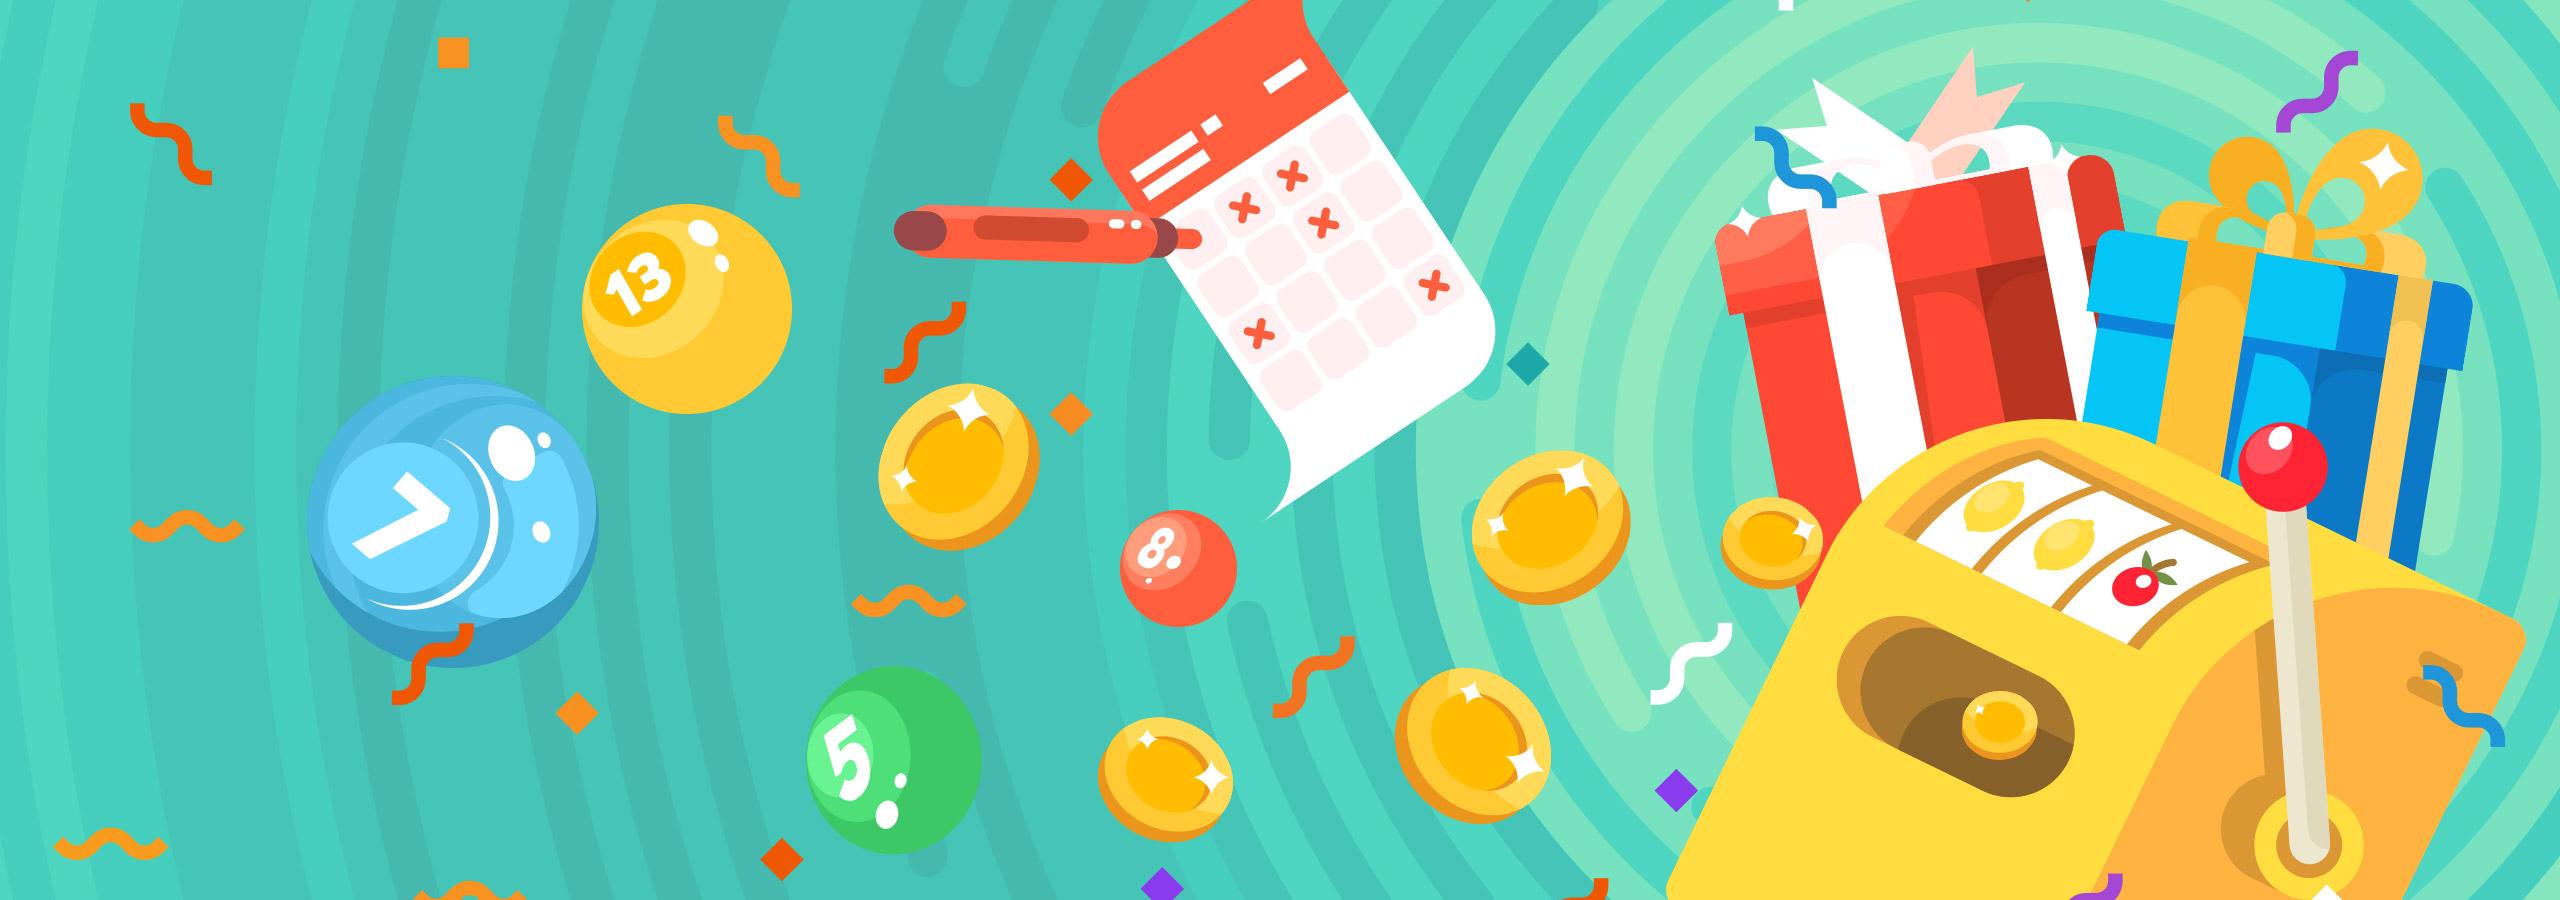 # 100% upp till 500kr ## Få 1 bingobricka och 5 snurr i Eastern Emeralds helt gratis varje dag i 7 dagar!